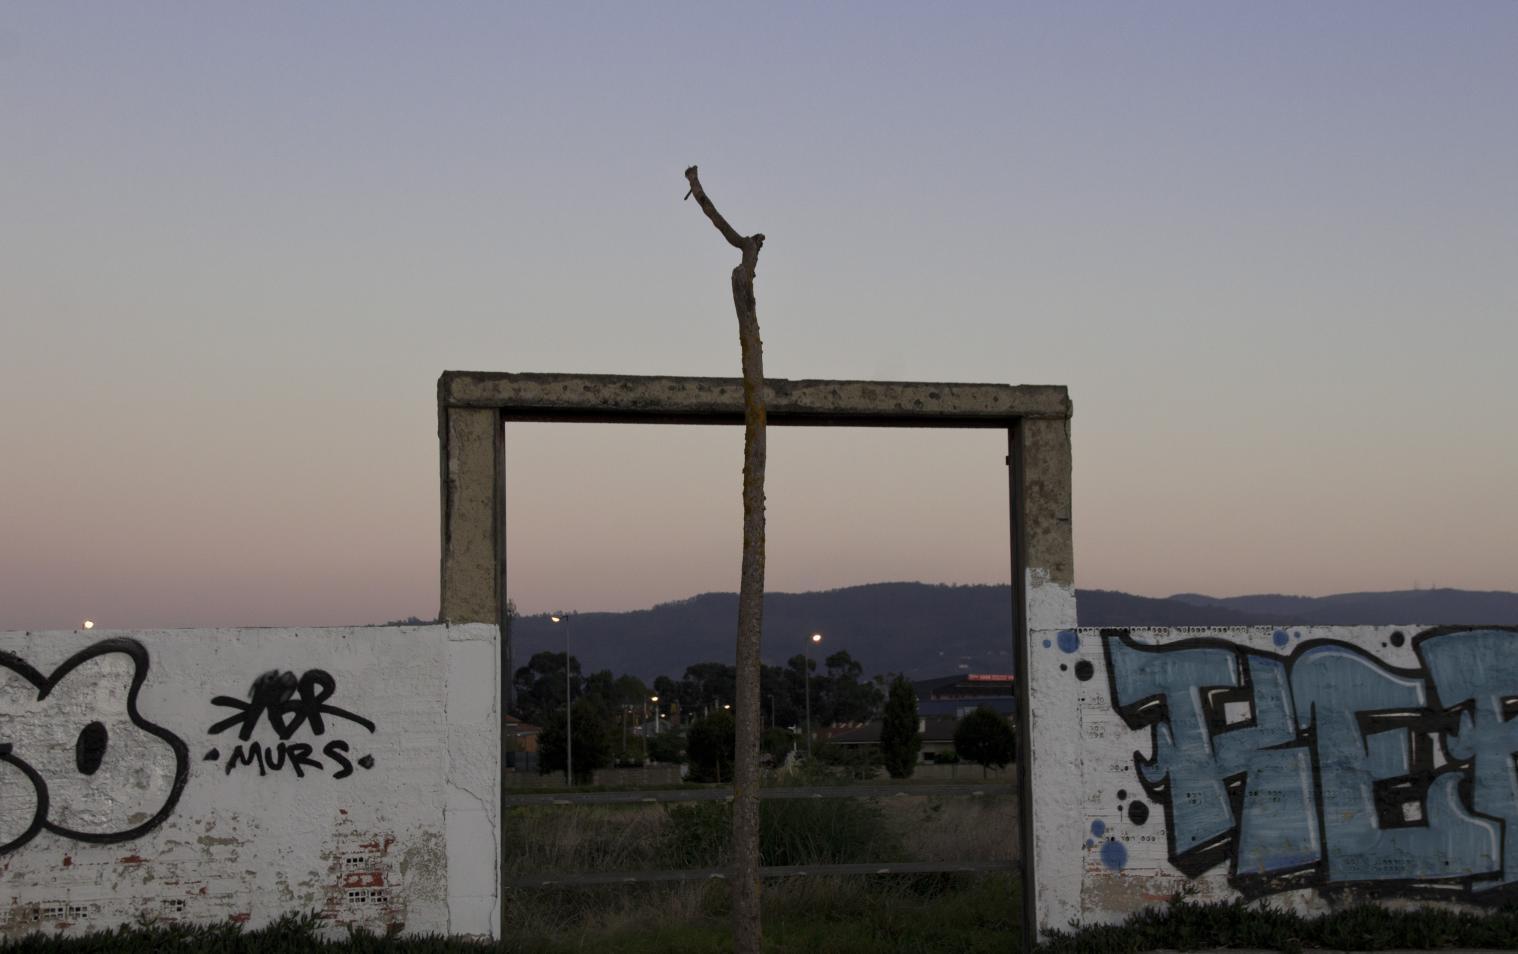 Gráfica urbana I (2018) - Carmen Suárez Álvarez